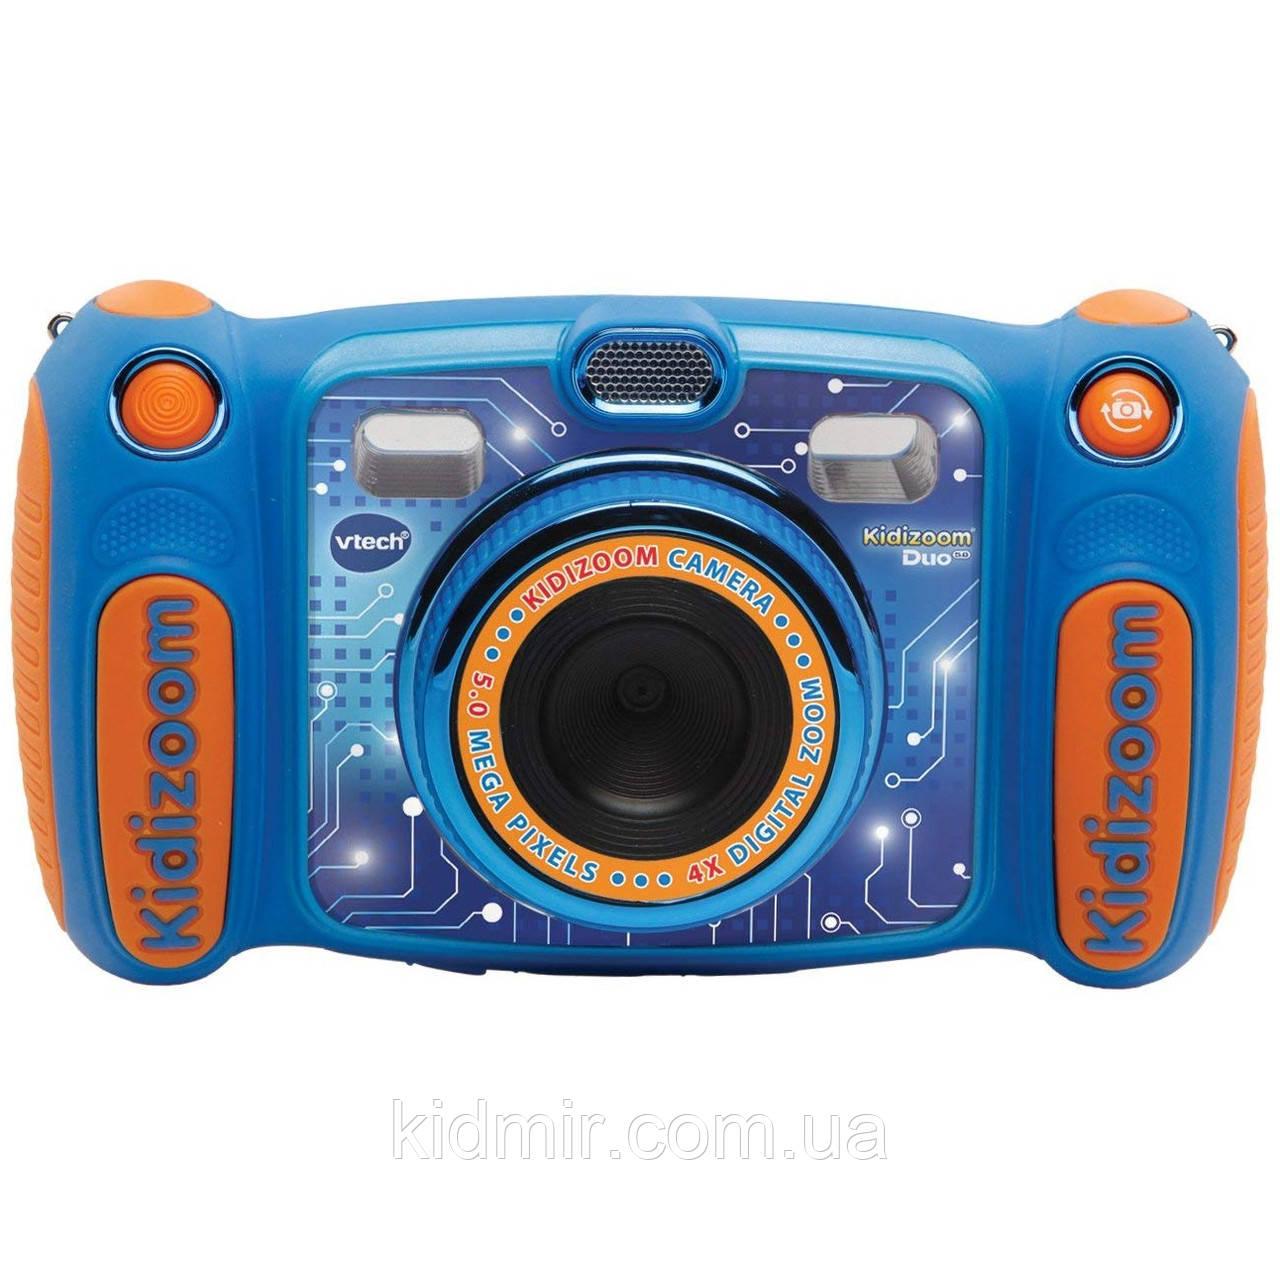 Дитячий фотоапарат Vtech Kidizoom Camera DUO 5.0 Blue відео з записом